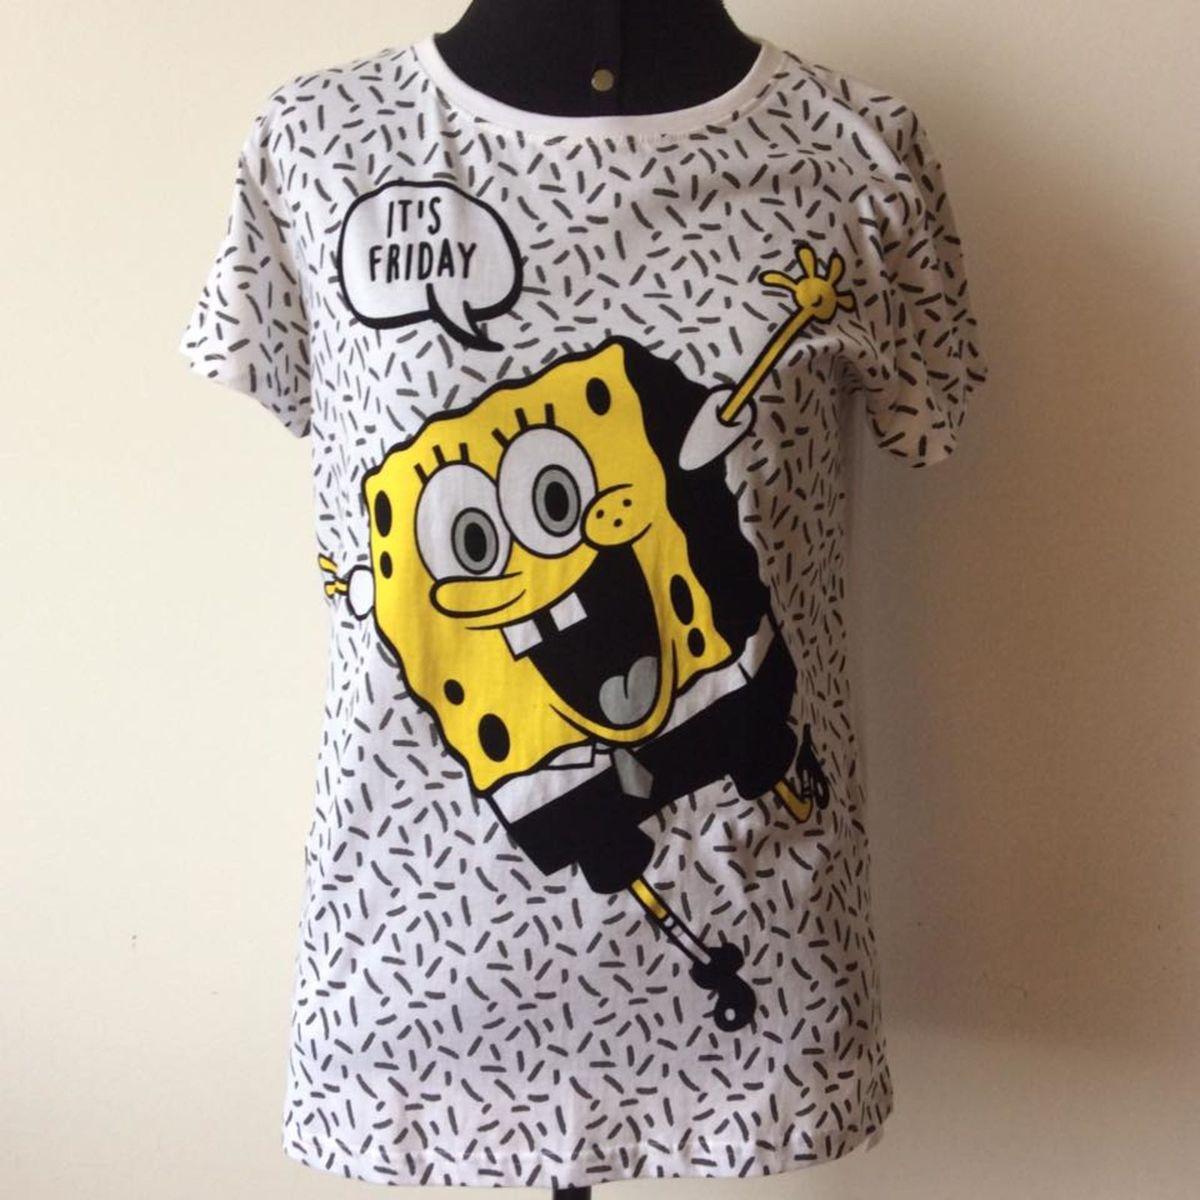 recoger Vergonzoso bañera  Camiseta Bob Esponja Importada | Camiseta Feminina Bob-Esponja Nunca Usado  20898452 | enjoei